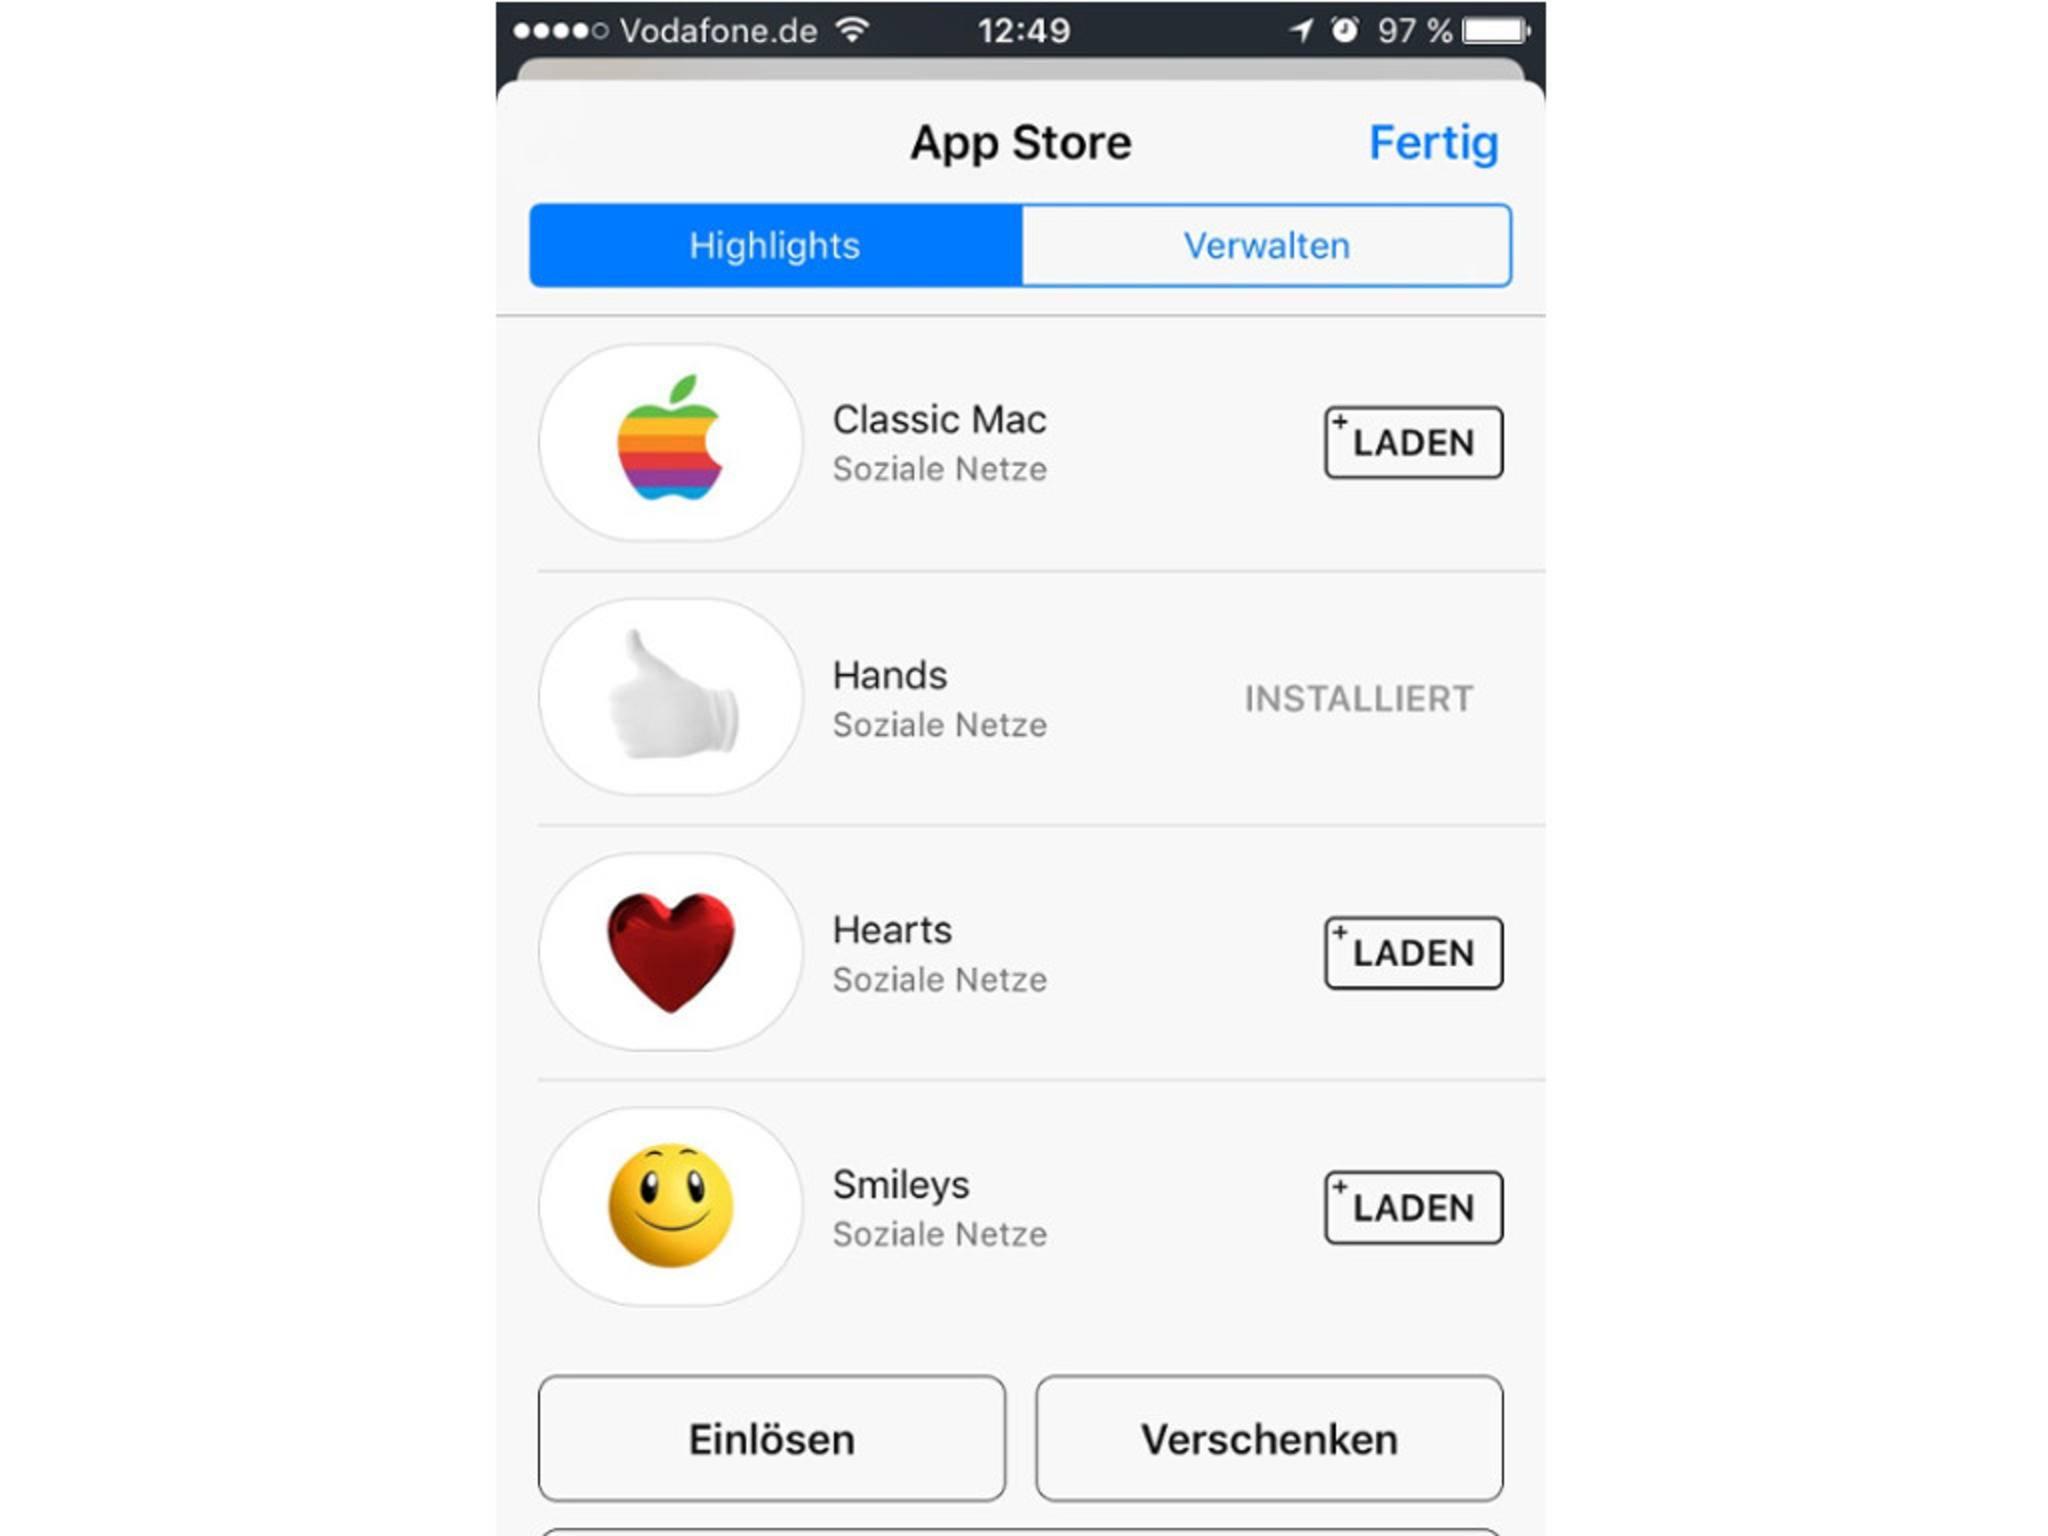 Erweiterungen: Der App Store öffnet sich direkt in iMessage.